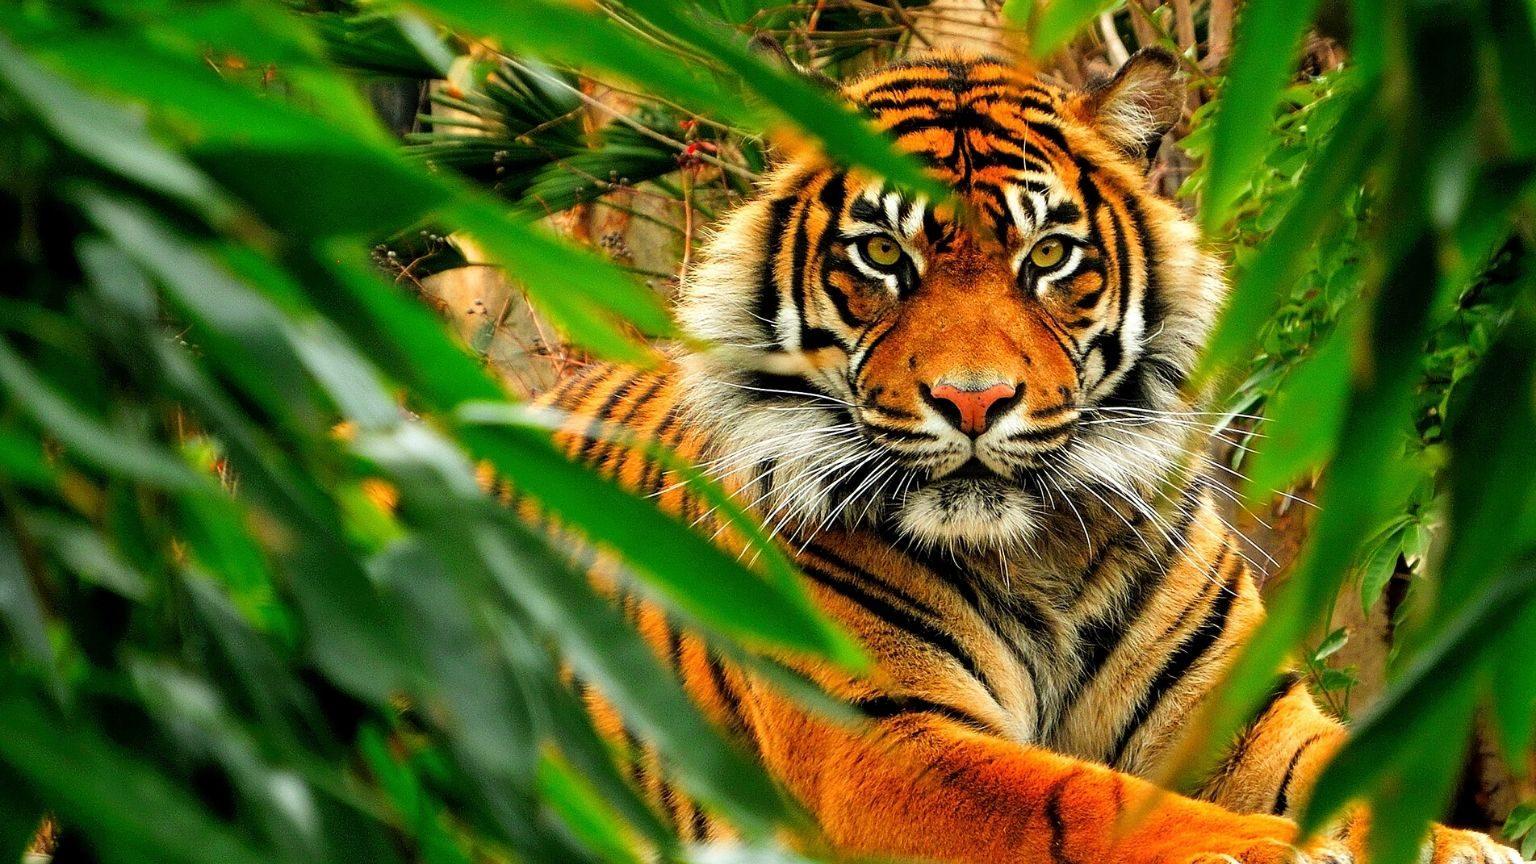 Tiger behind leaves